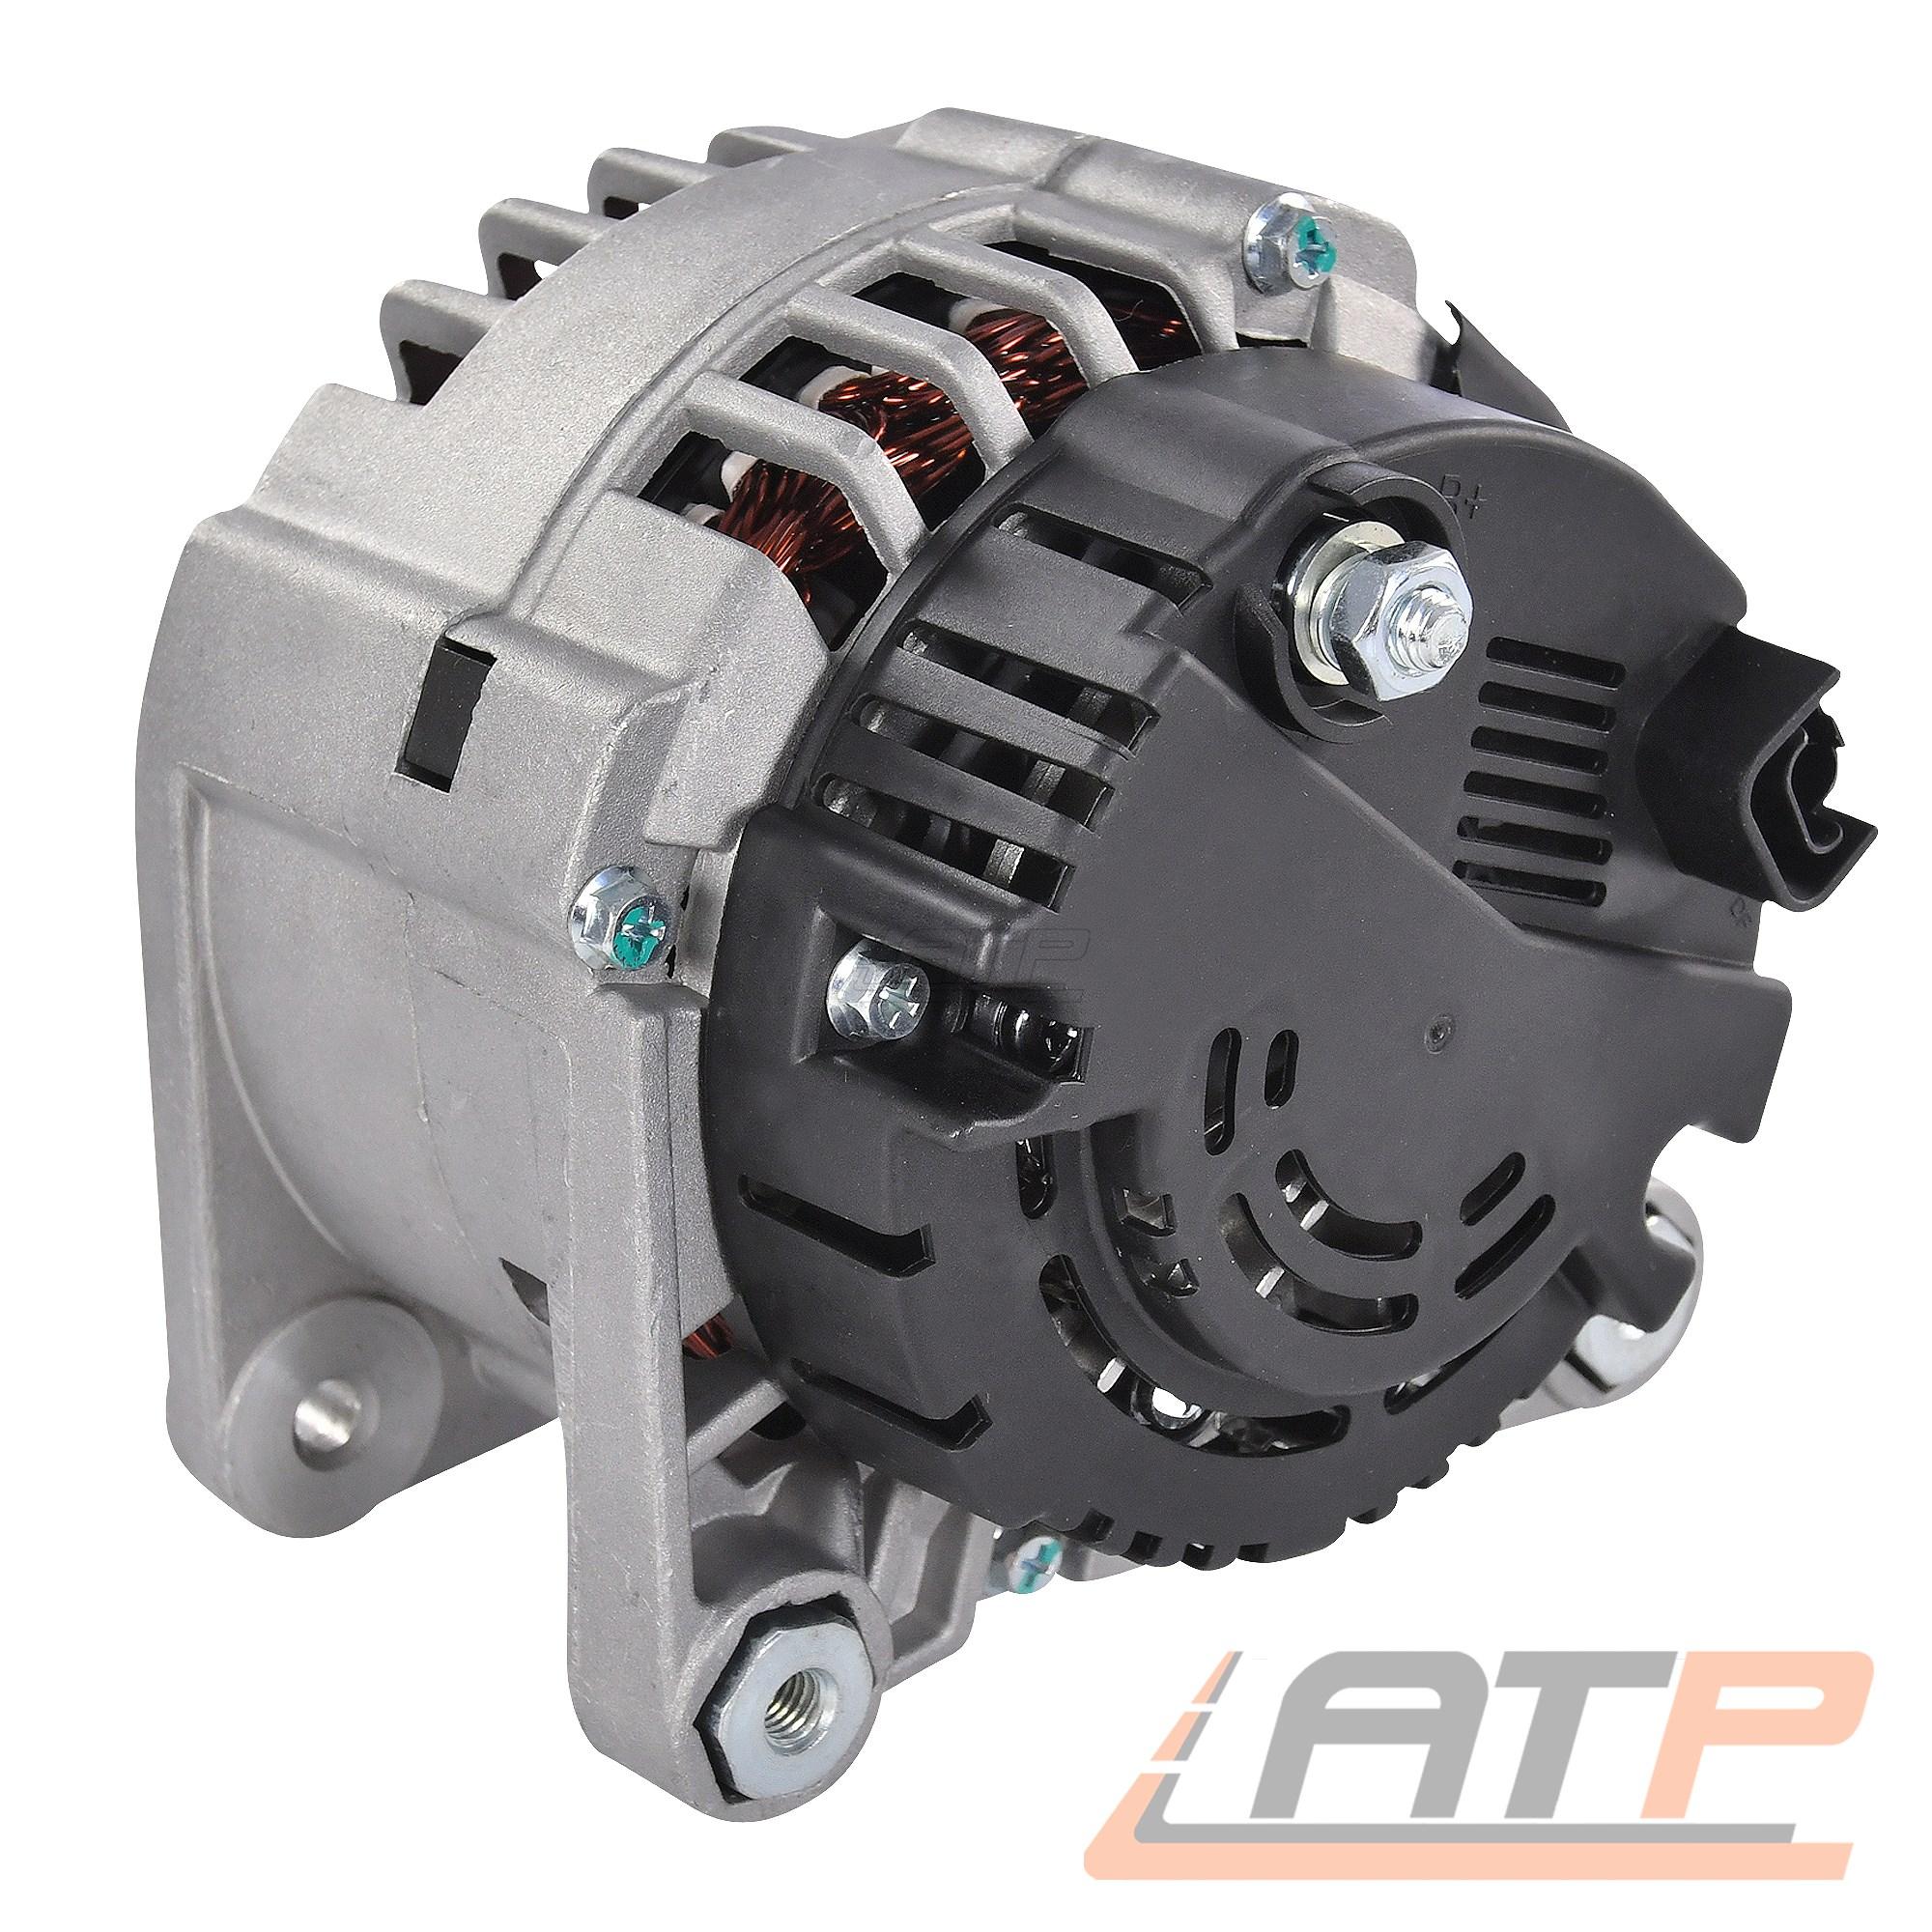 La dínamo generador 125a para nissan Interstar prima Star /_ DCI 80 DCI 100